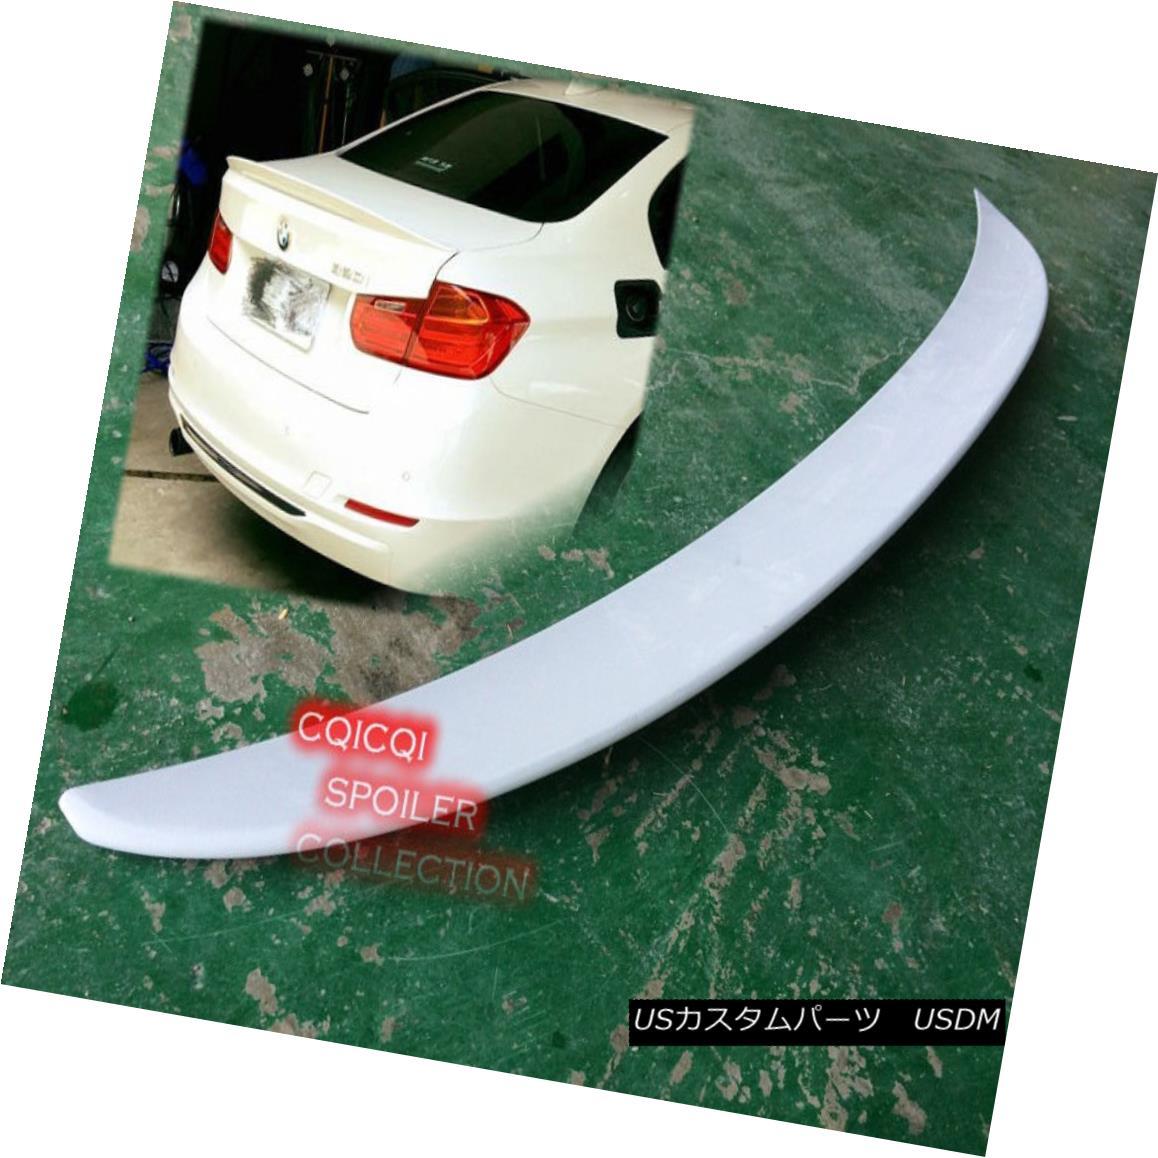 エアロパーツ Painted BMW F30 3 Sedan high kick Performance type trunk spoiler color:300 ◎ ペイントされたBMW F30 3セダンハイキックパフォーマンスタイプのトランクスポイラーの色:300?